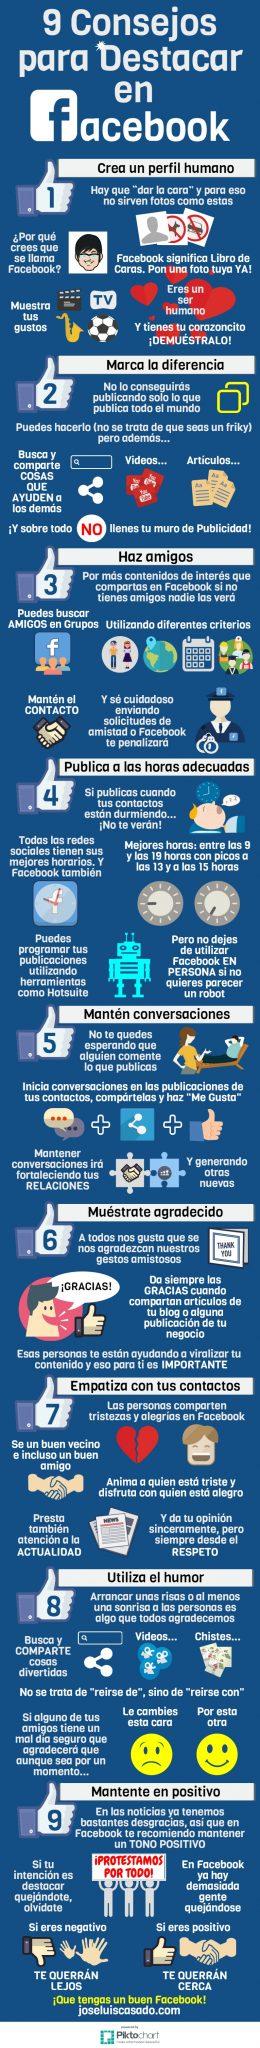 9-consejos-facebook-infografia